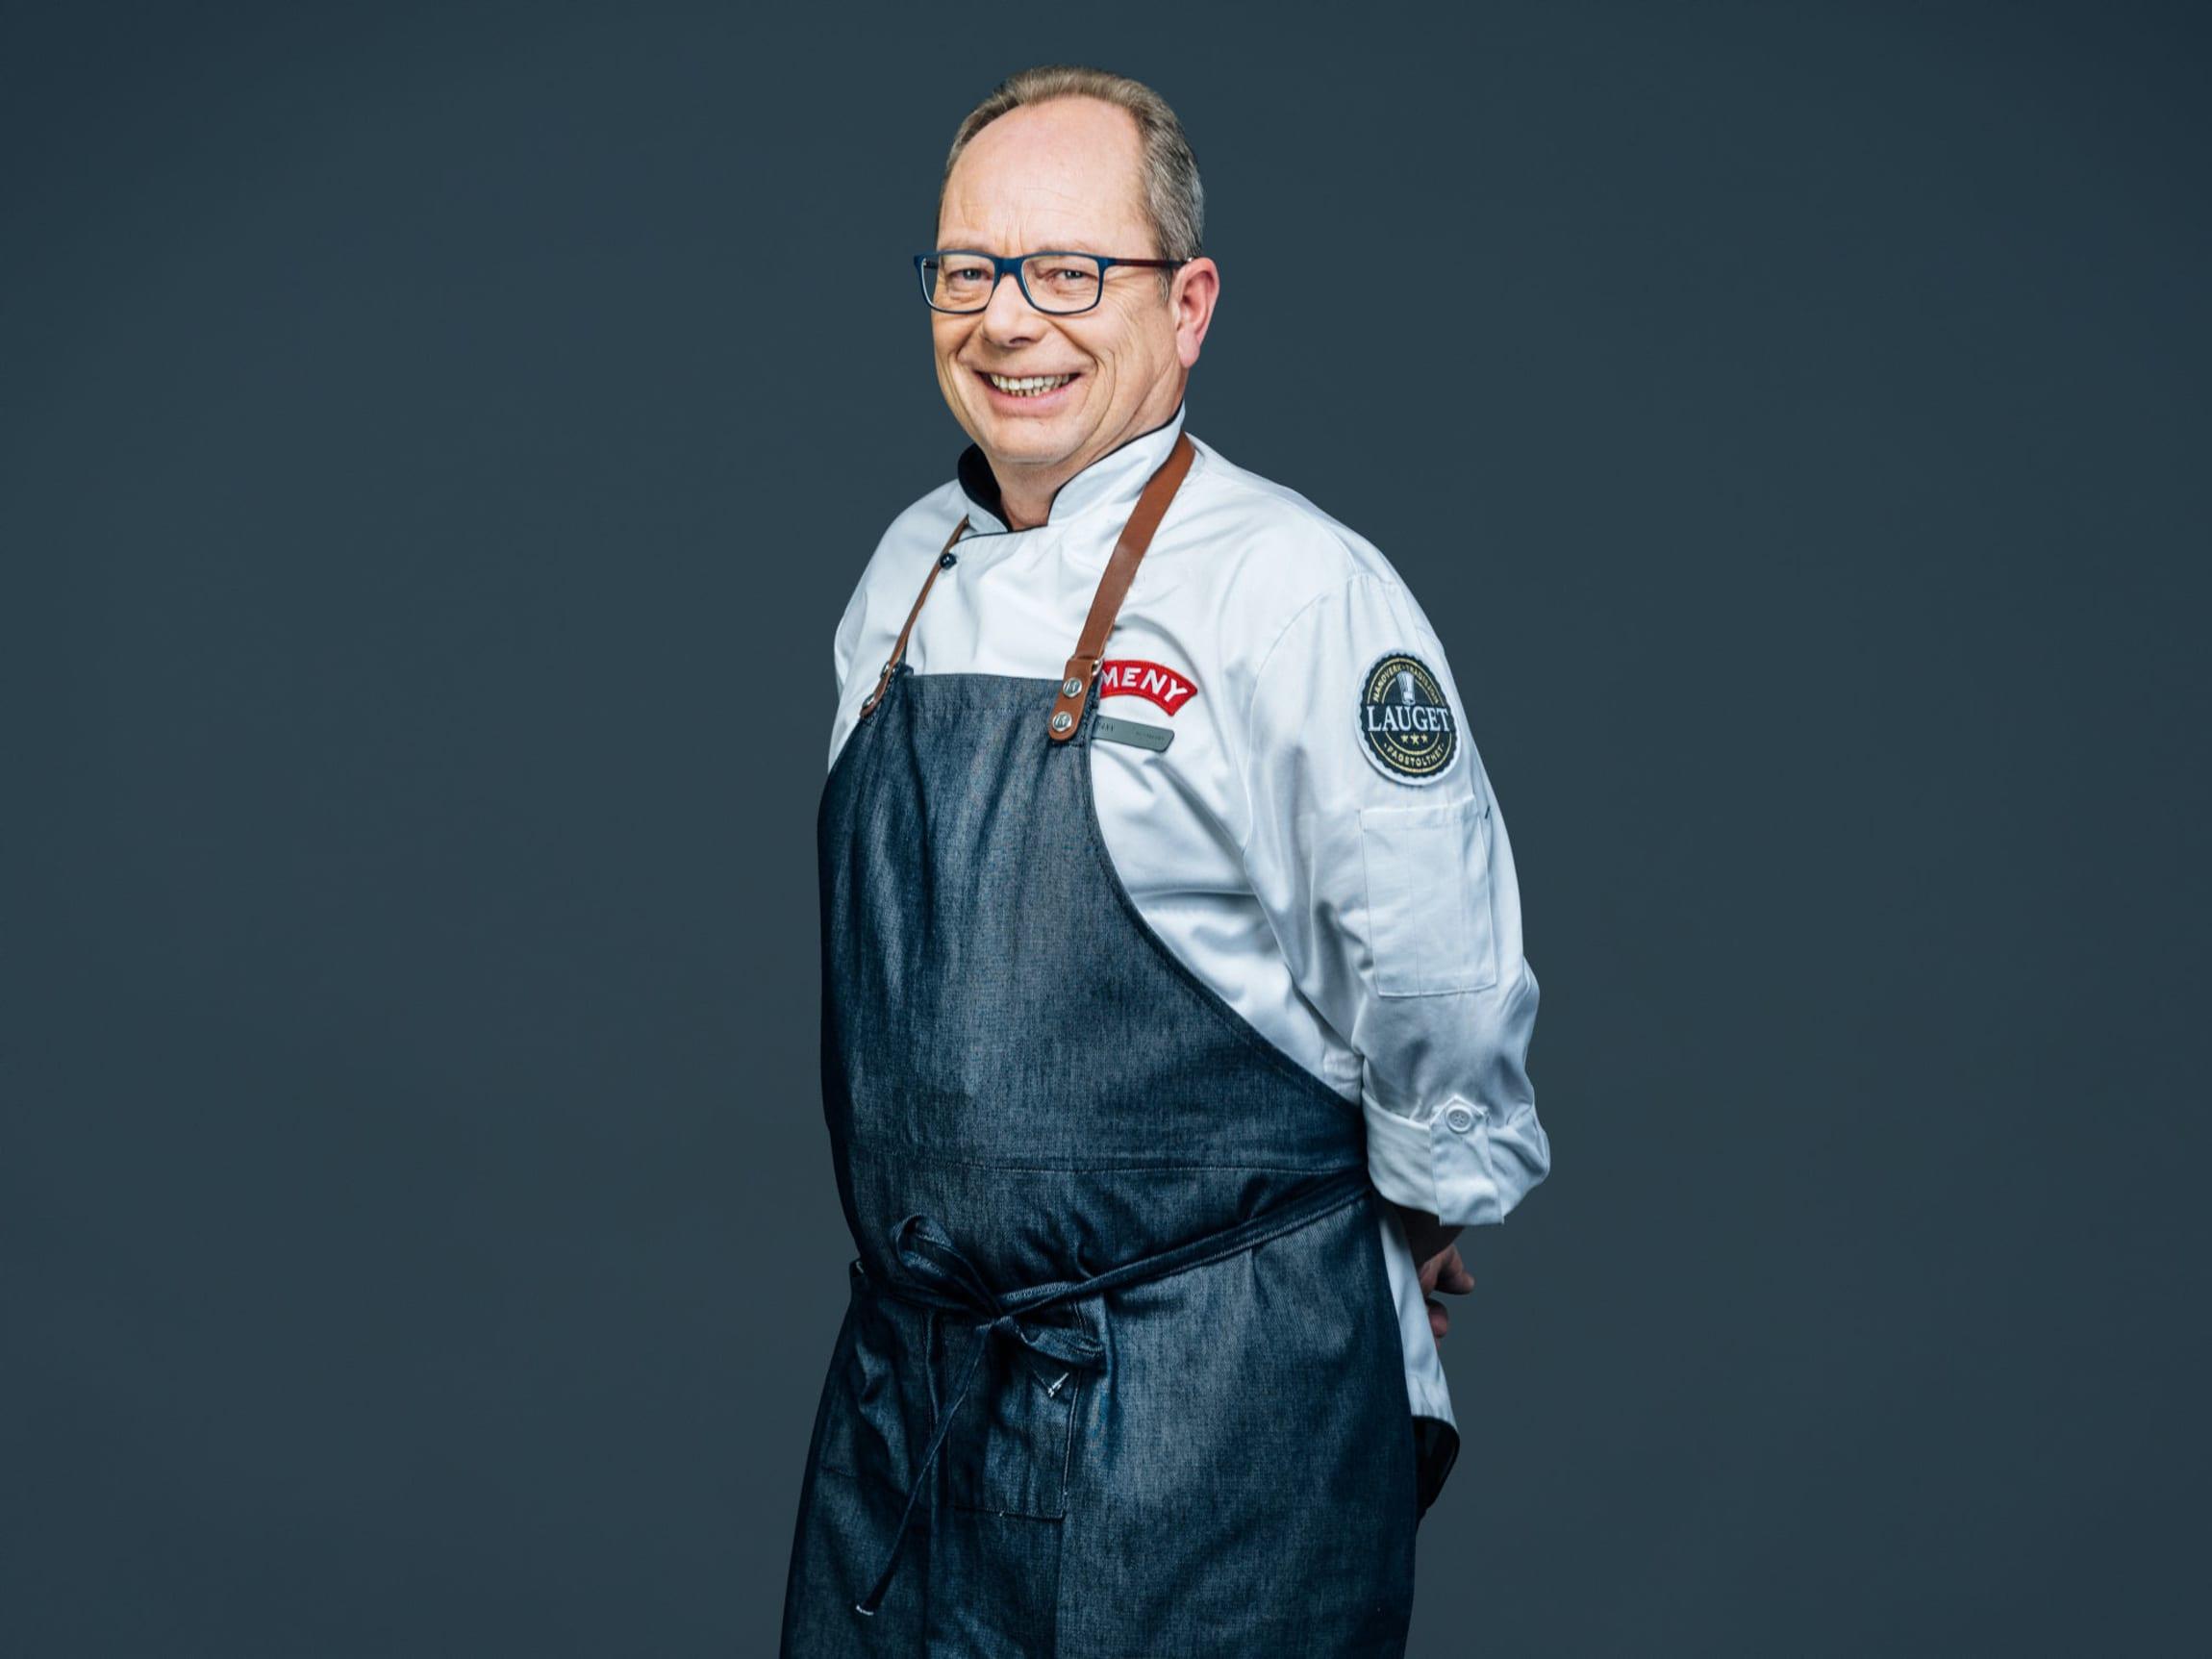 Lars Gerhardsen, ansvarlig for fisk og sjømat i MENY, synes økt salg av fisk i MENY er svært gledelig for folkehelsa og matopplevelsen.